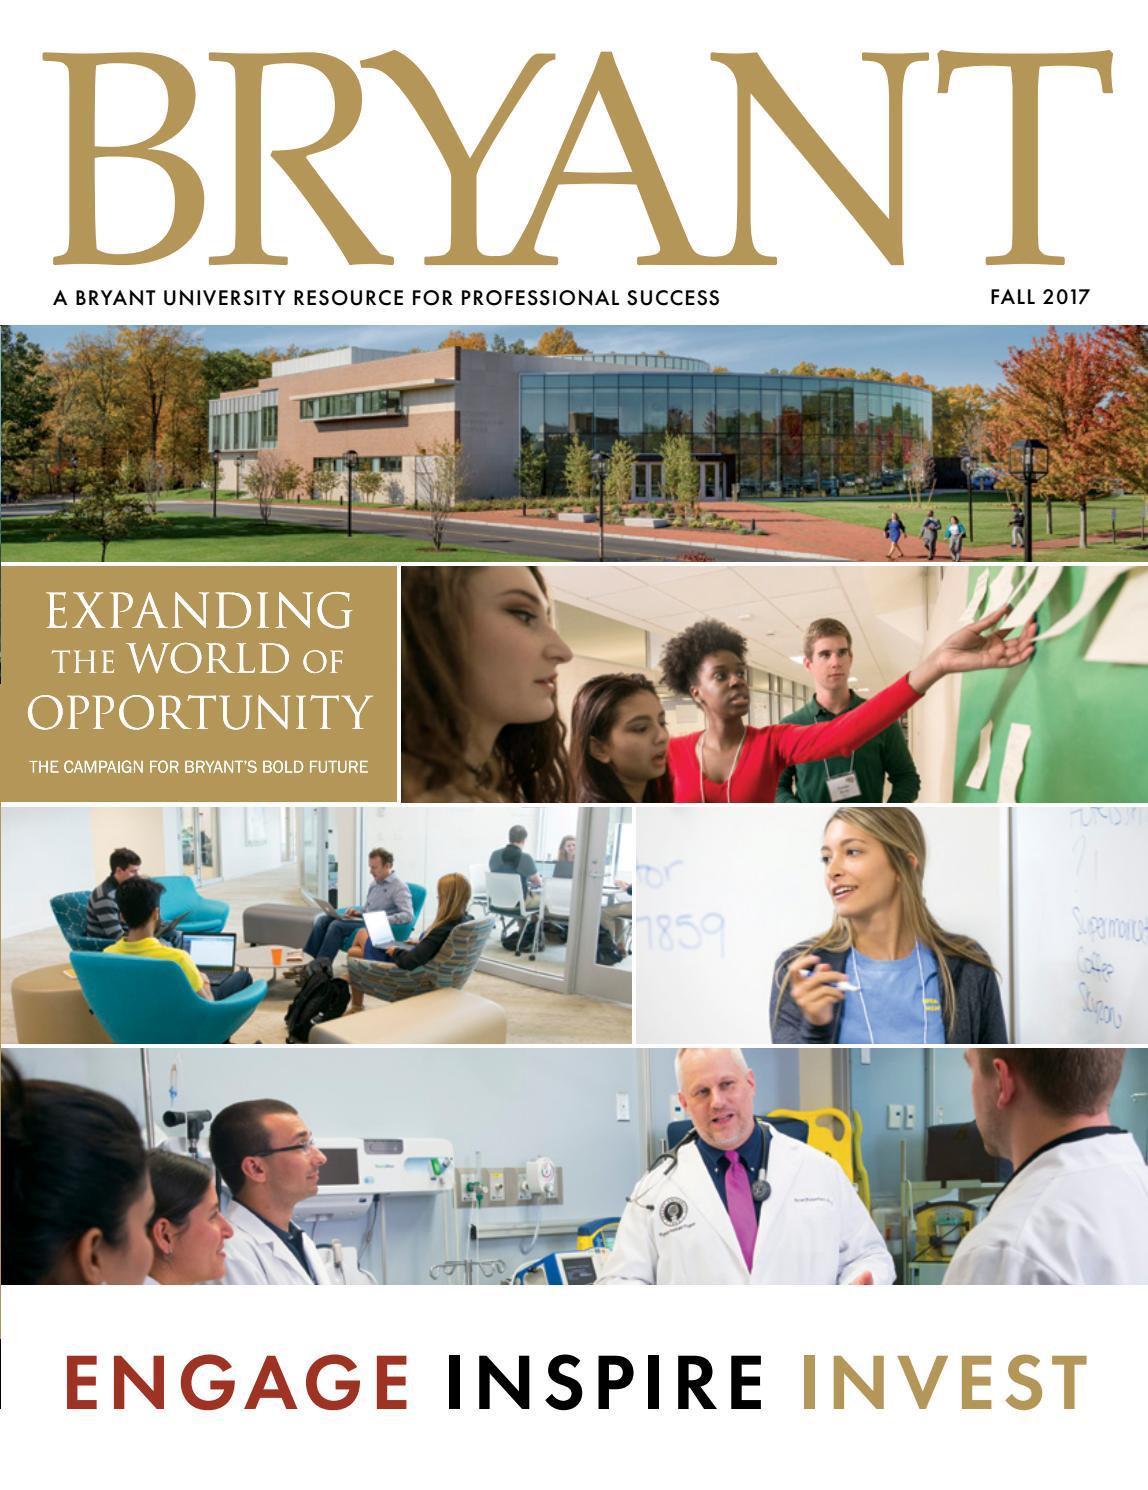 Bryant Magazine Fall 2017